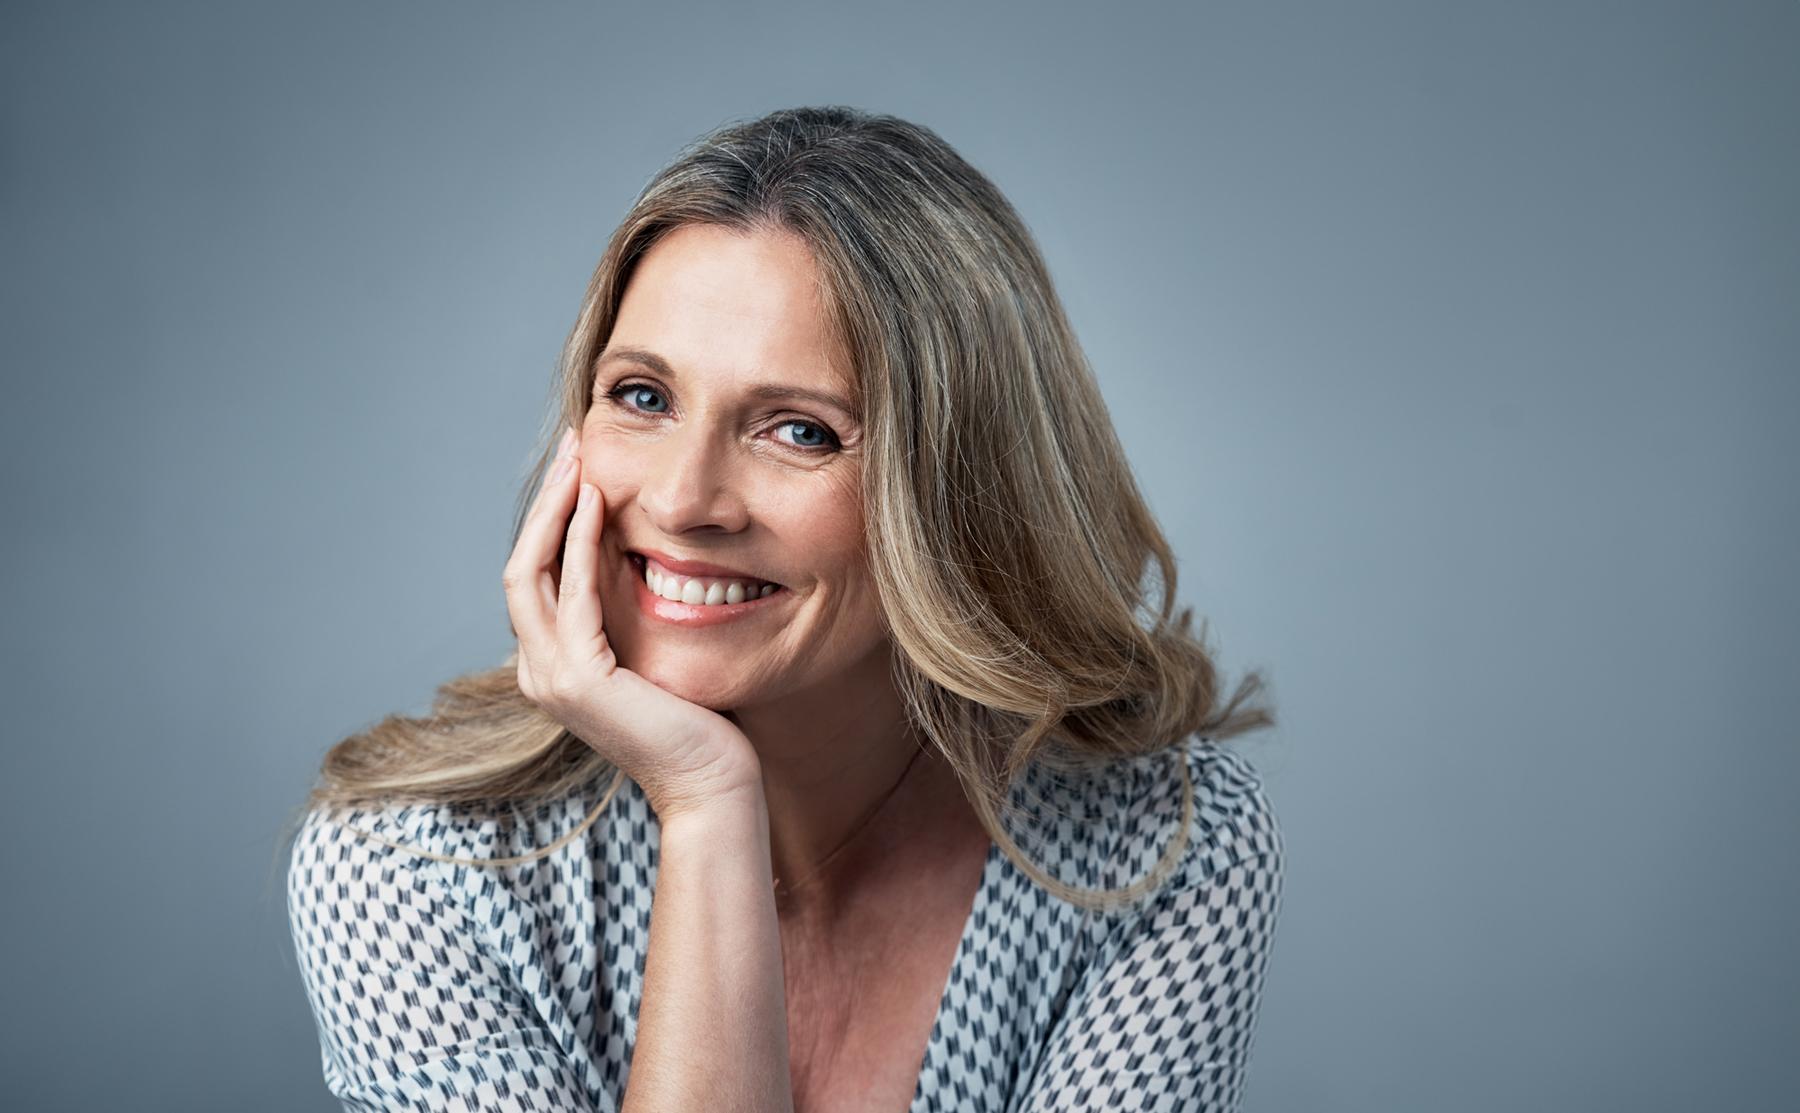 ¿Qué Mantenimiento requieren los Implantes Dentales?